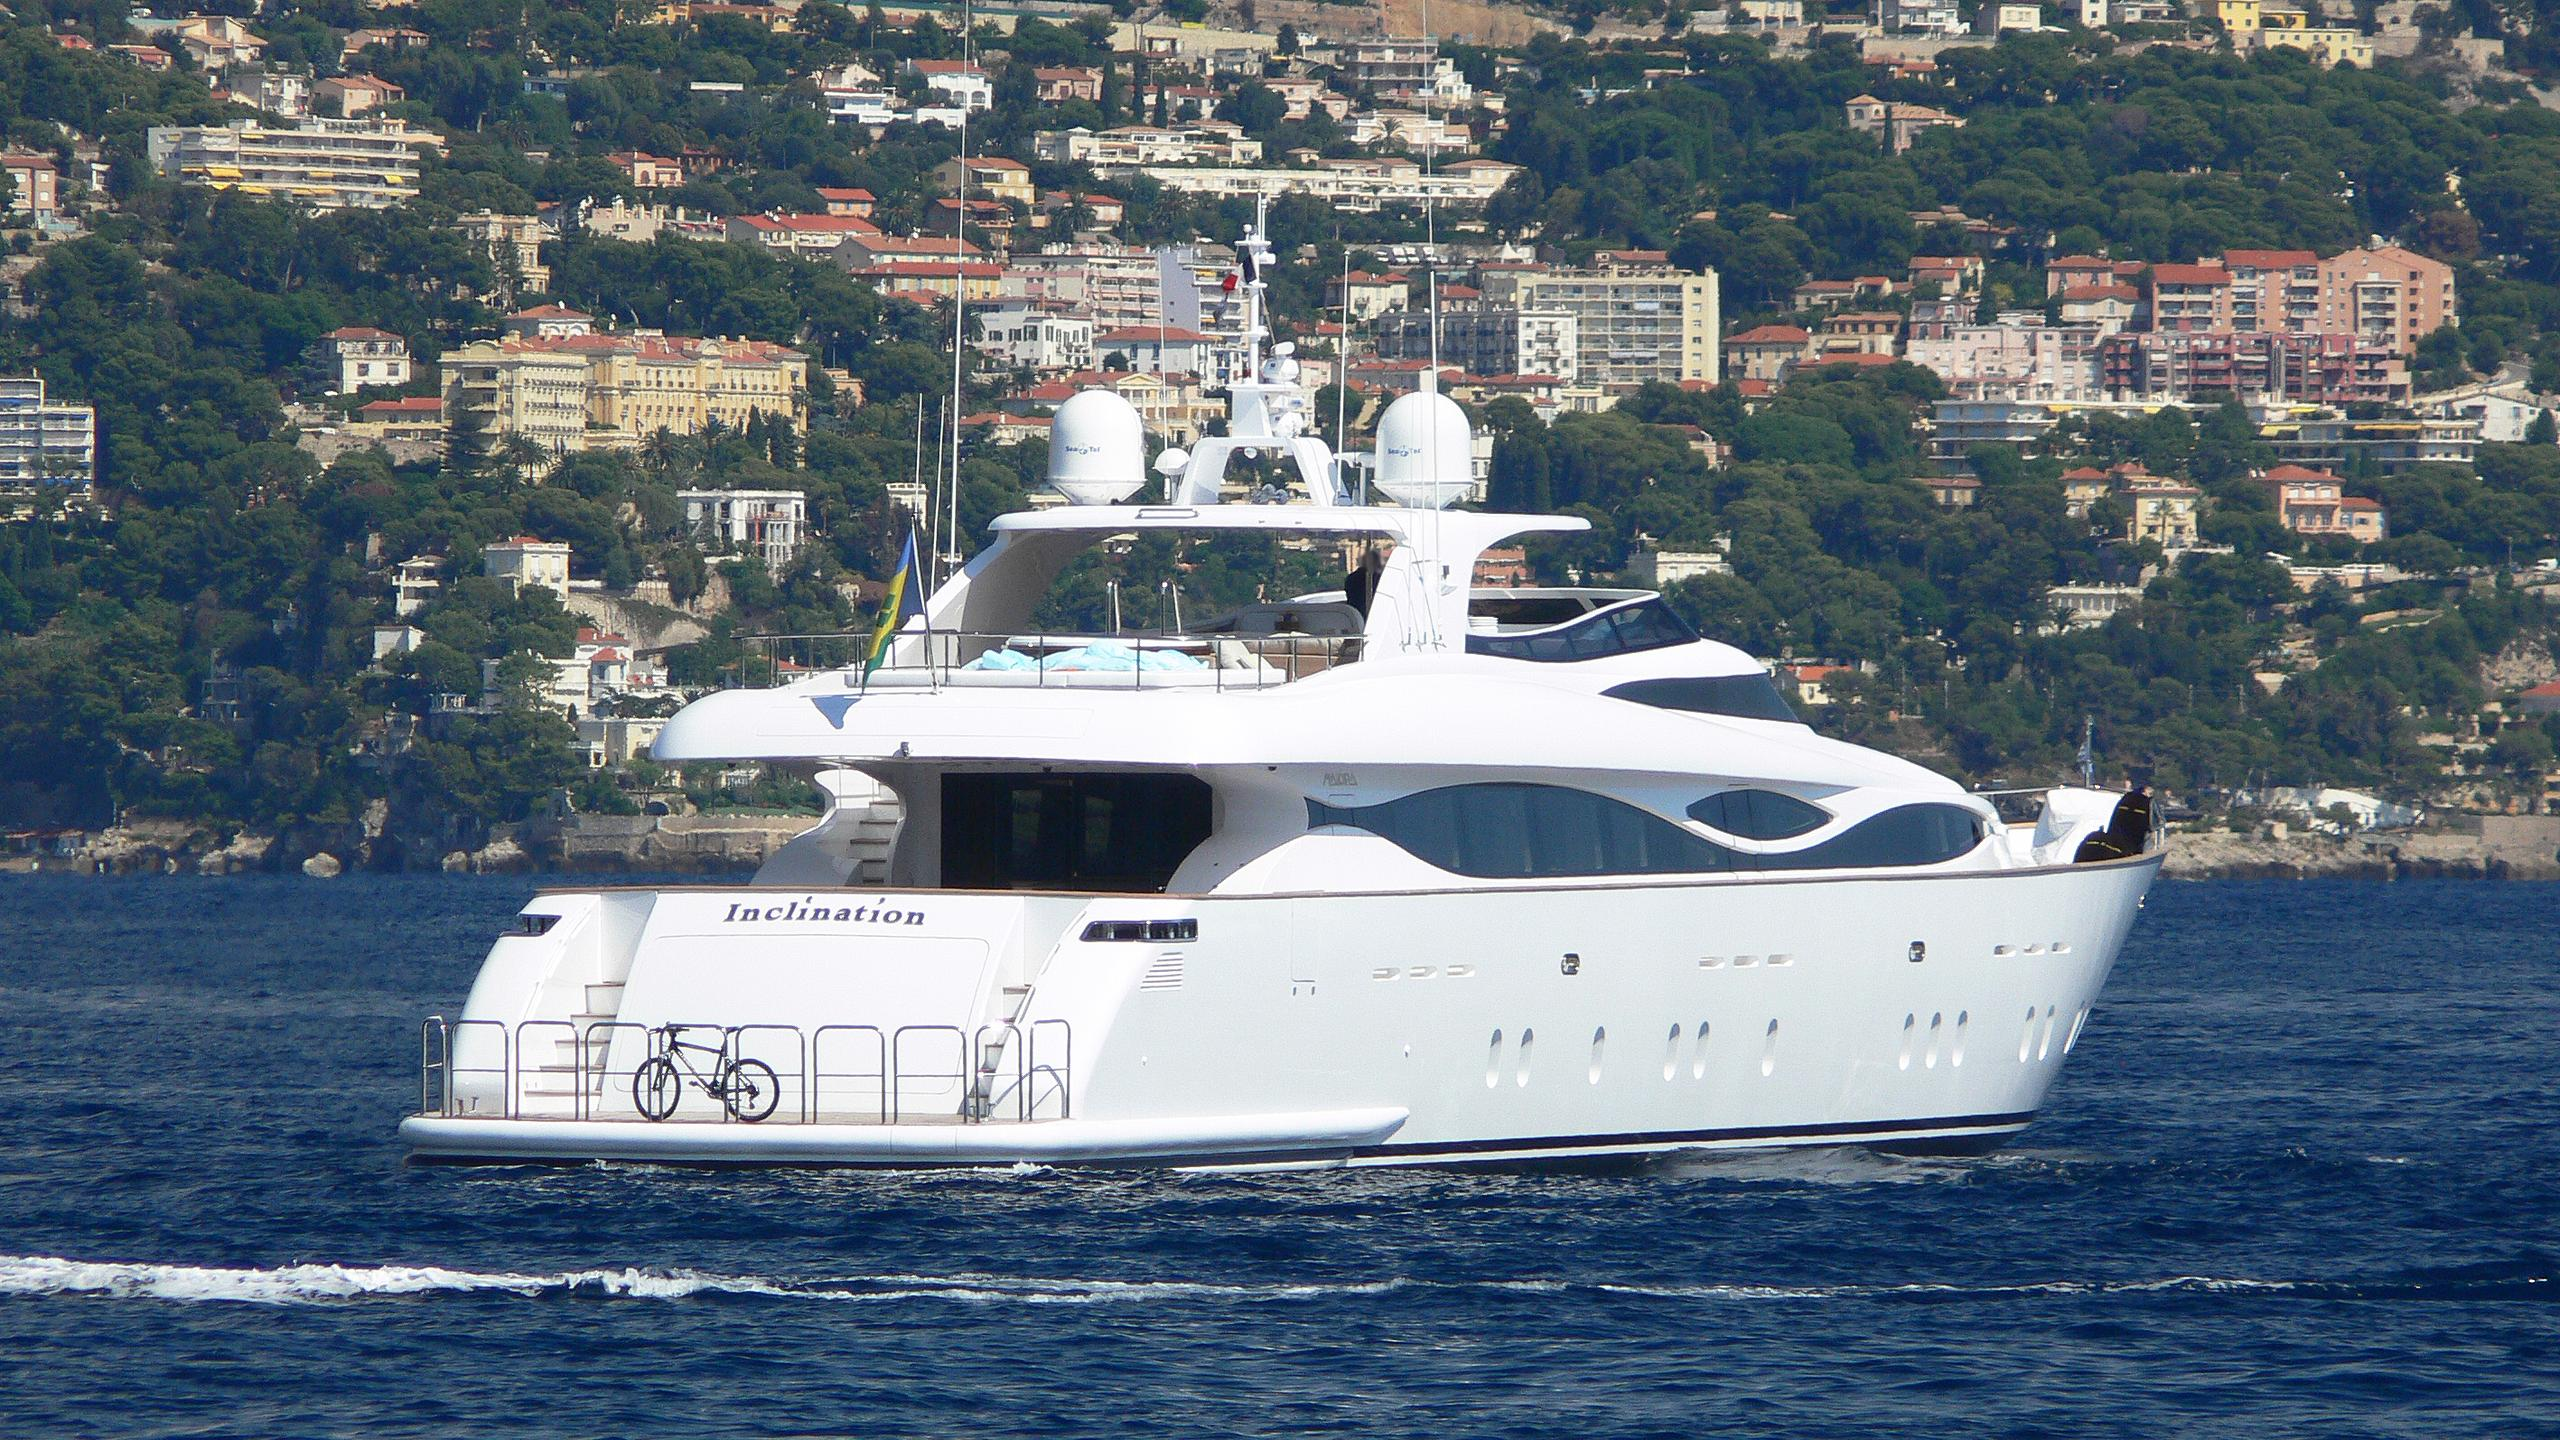 hunter-motor-yacht-maiora-38dp-2008-40m-cruising-stern